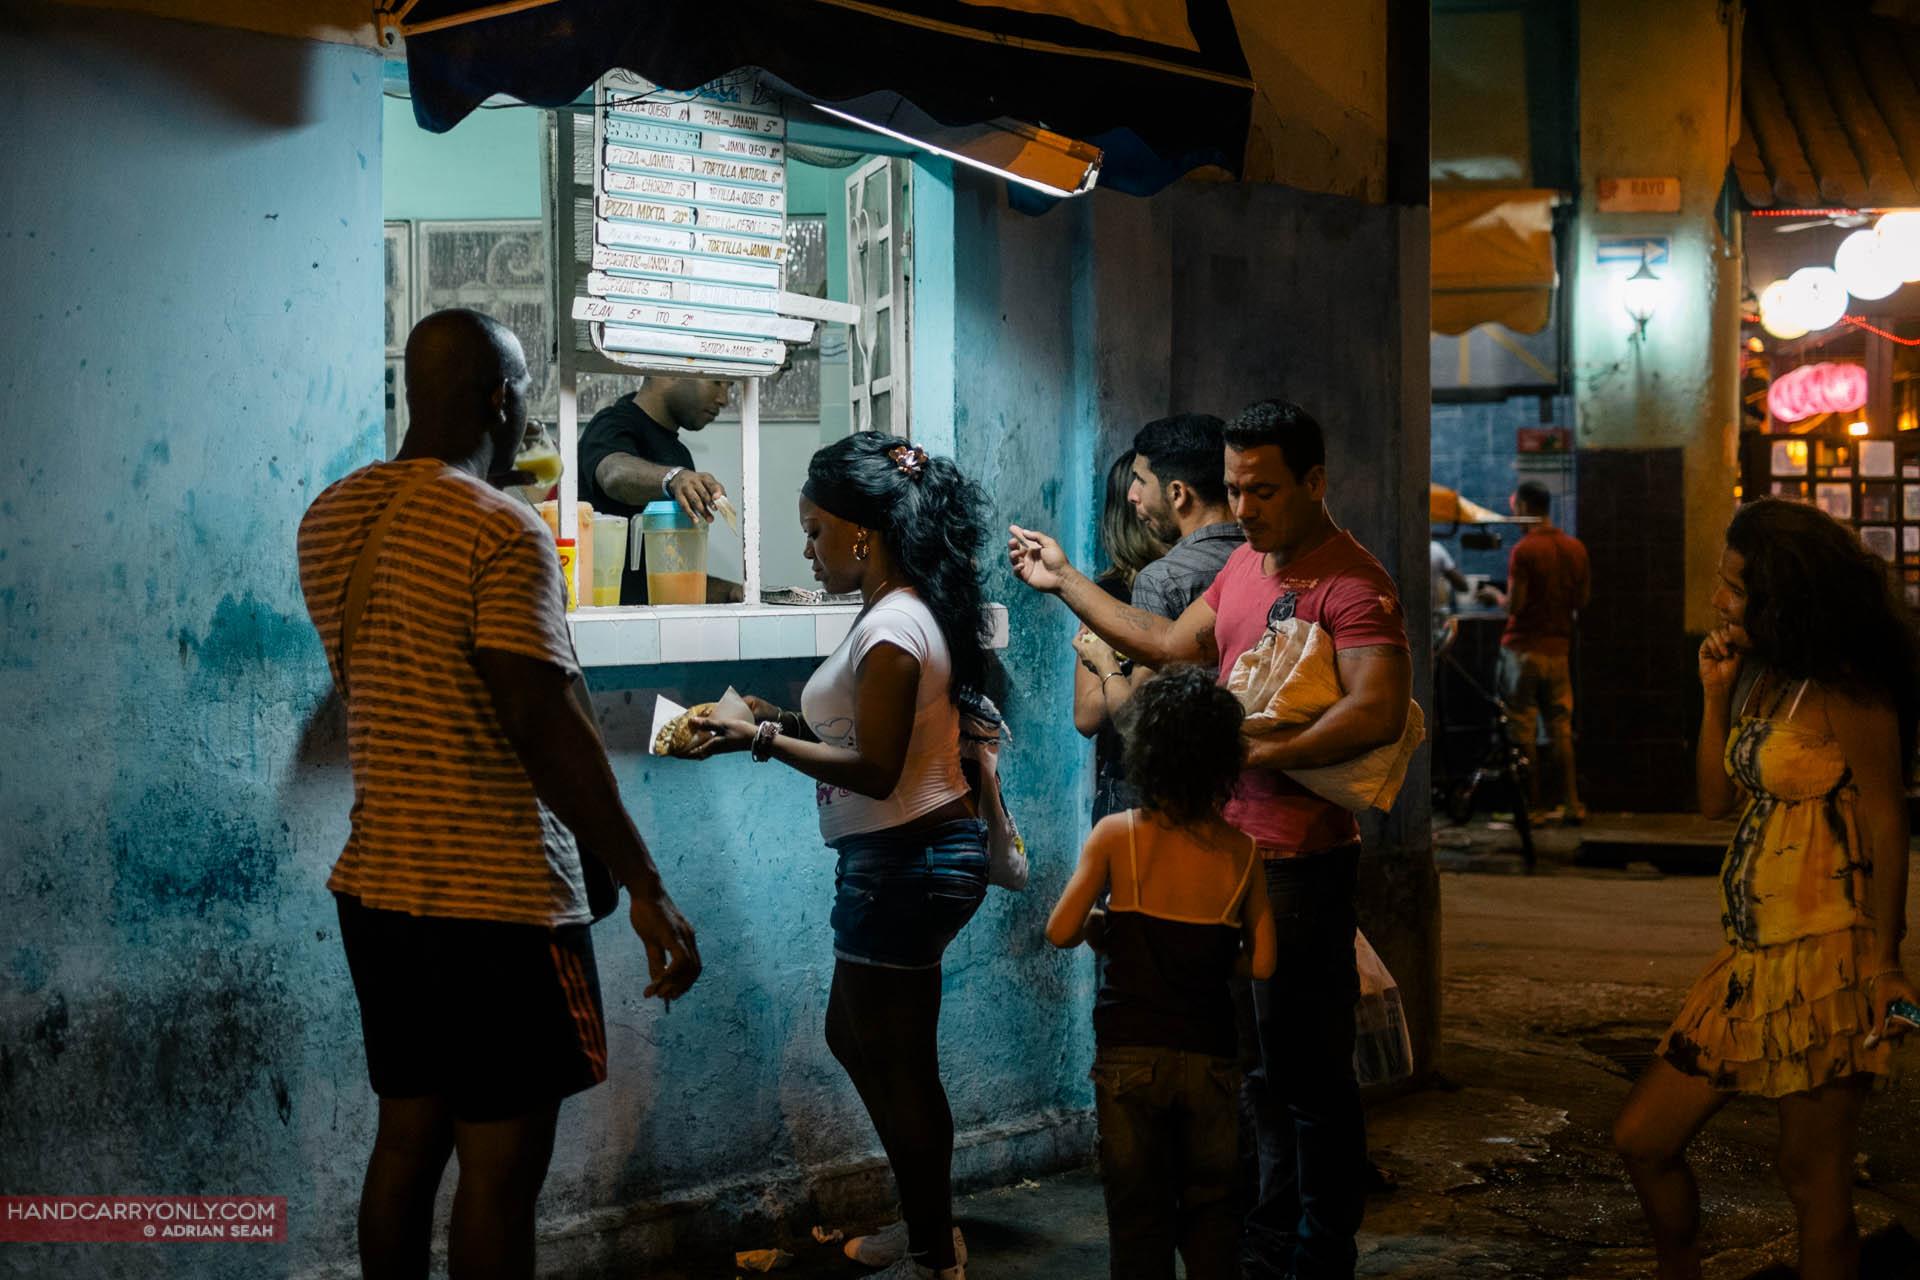 cubans buying food at night havana cuba